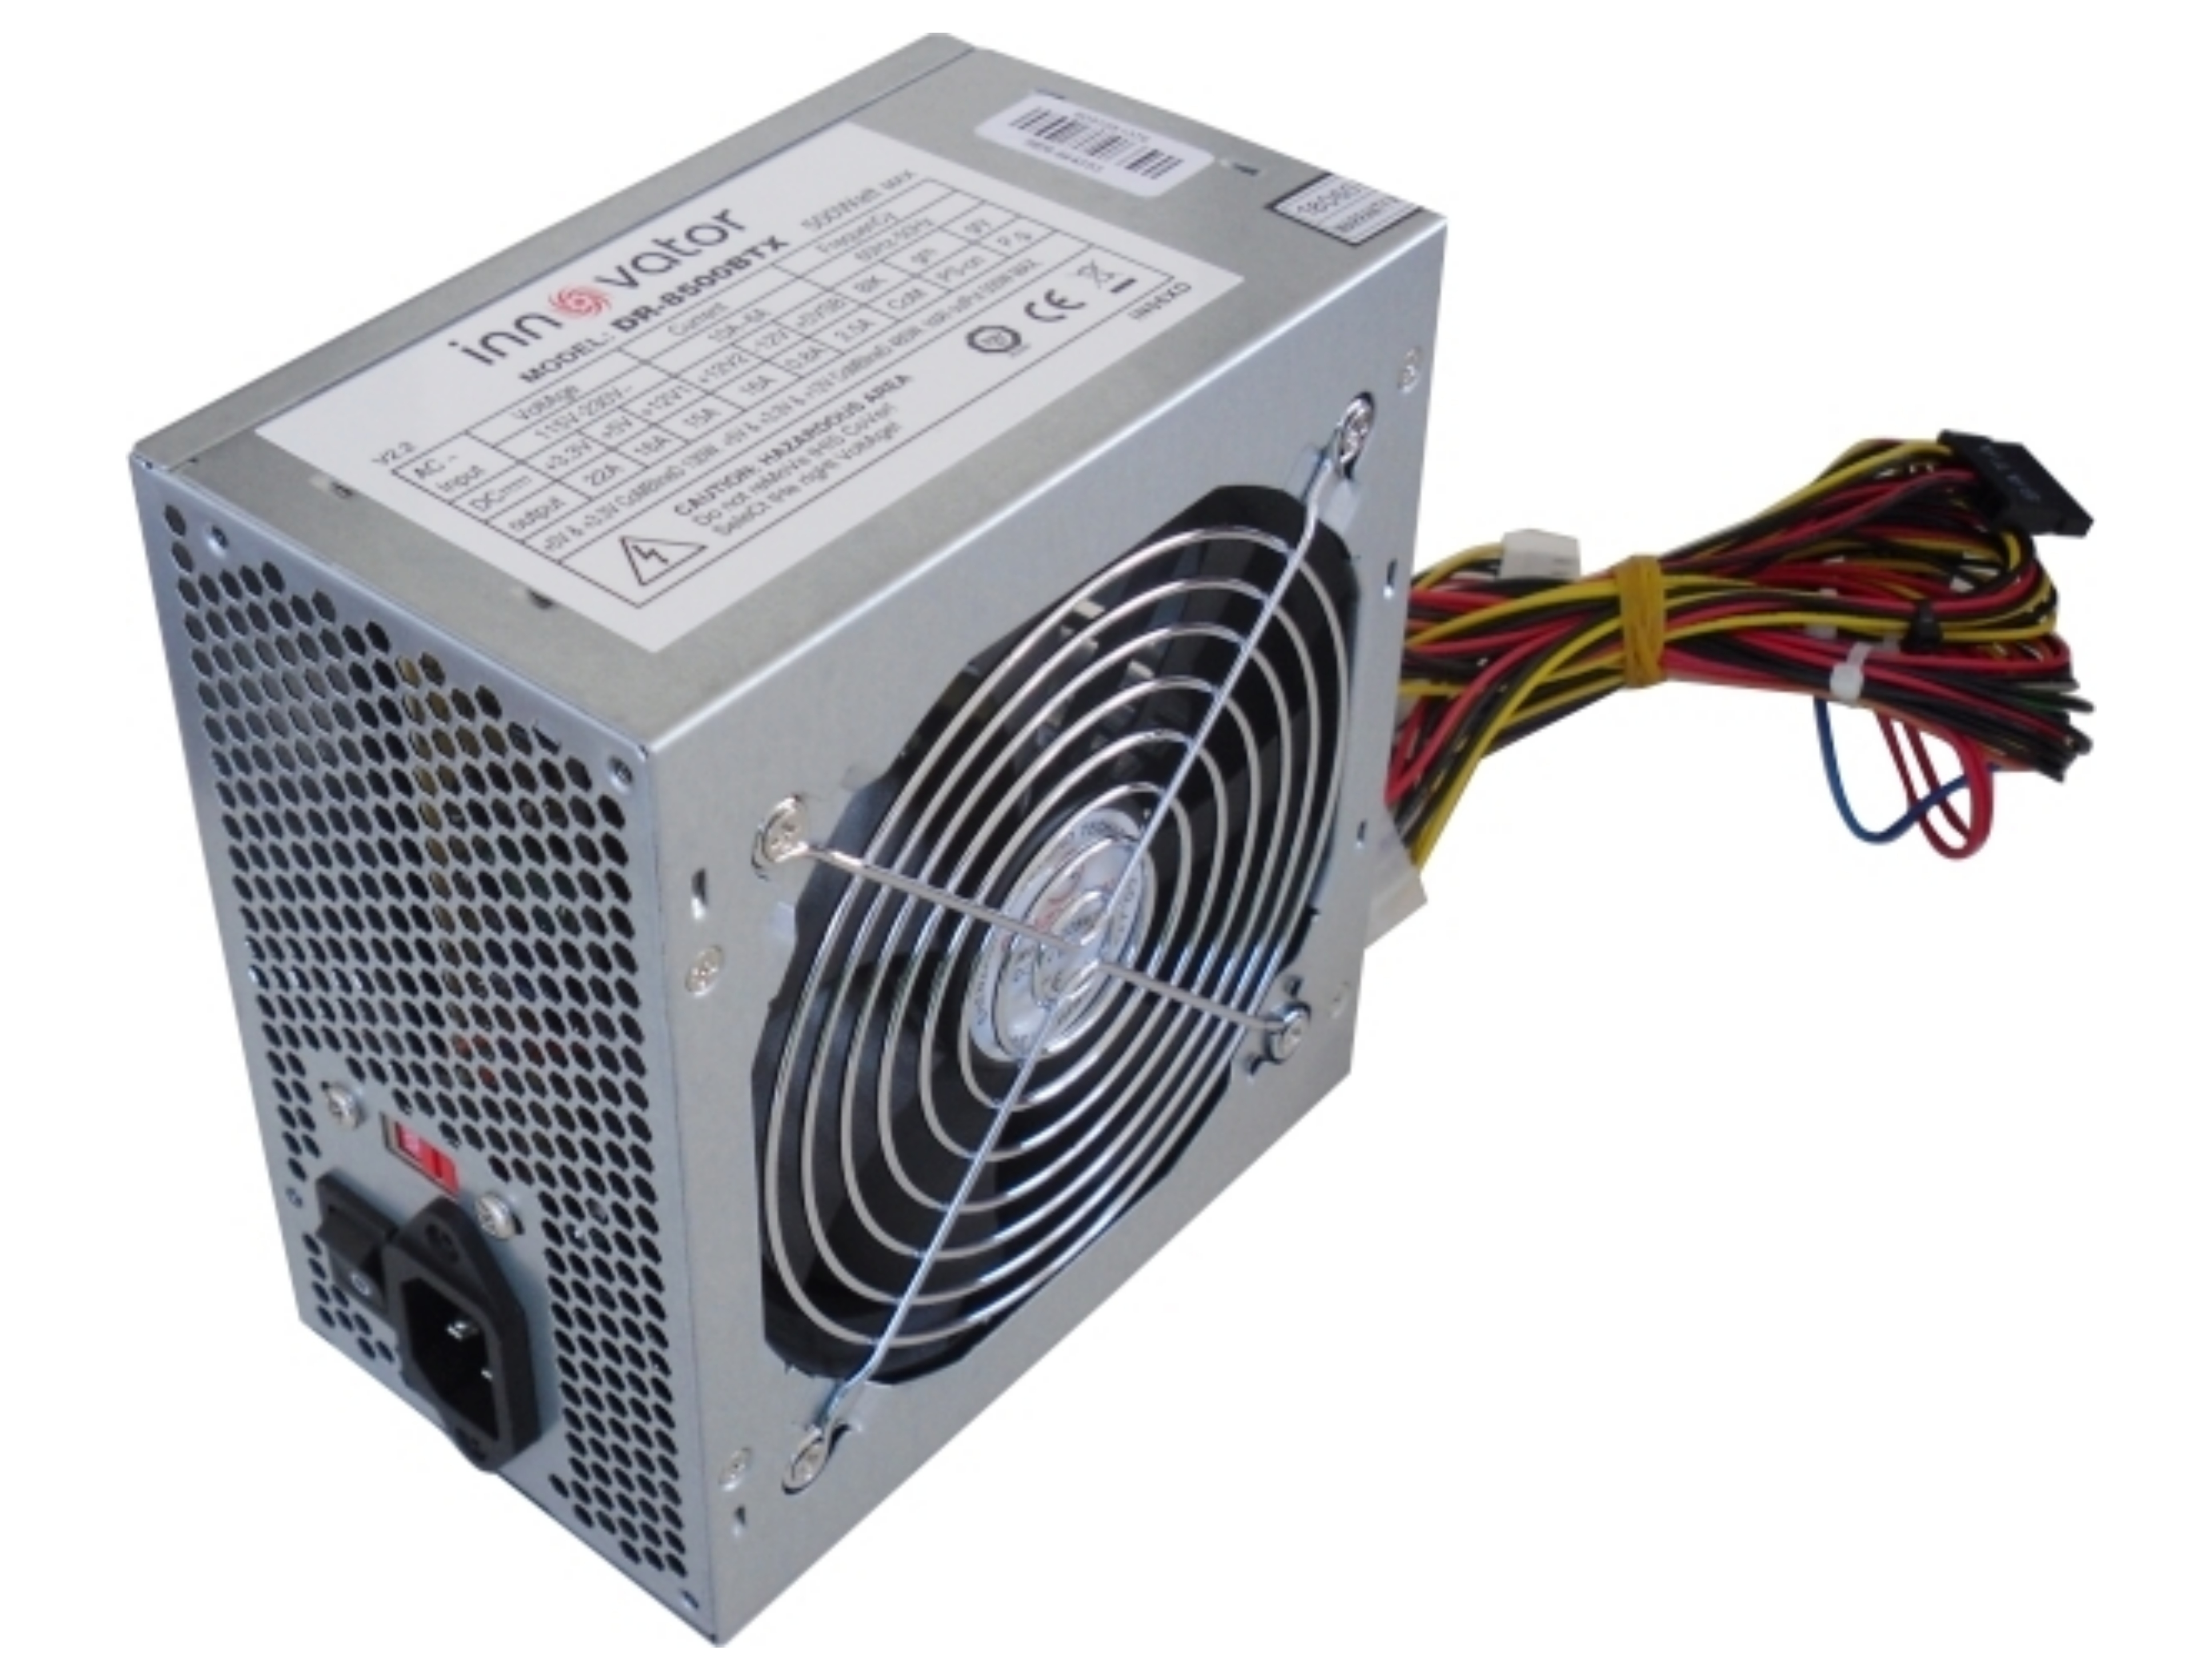 Τροφοδοτικό Ηλεκτρονικού Υπολογιστή AXT/BTX 500WATT FP-500